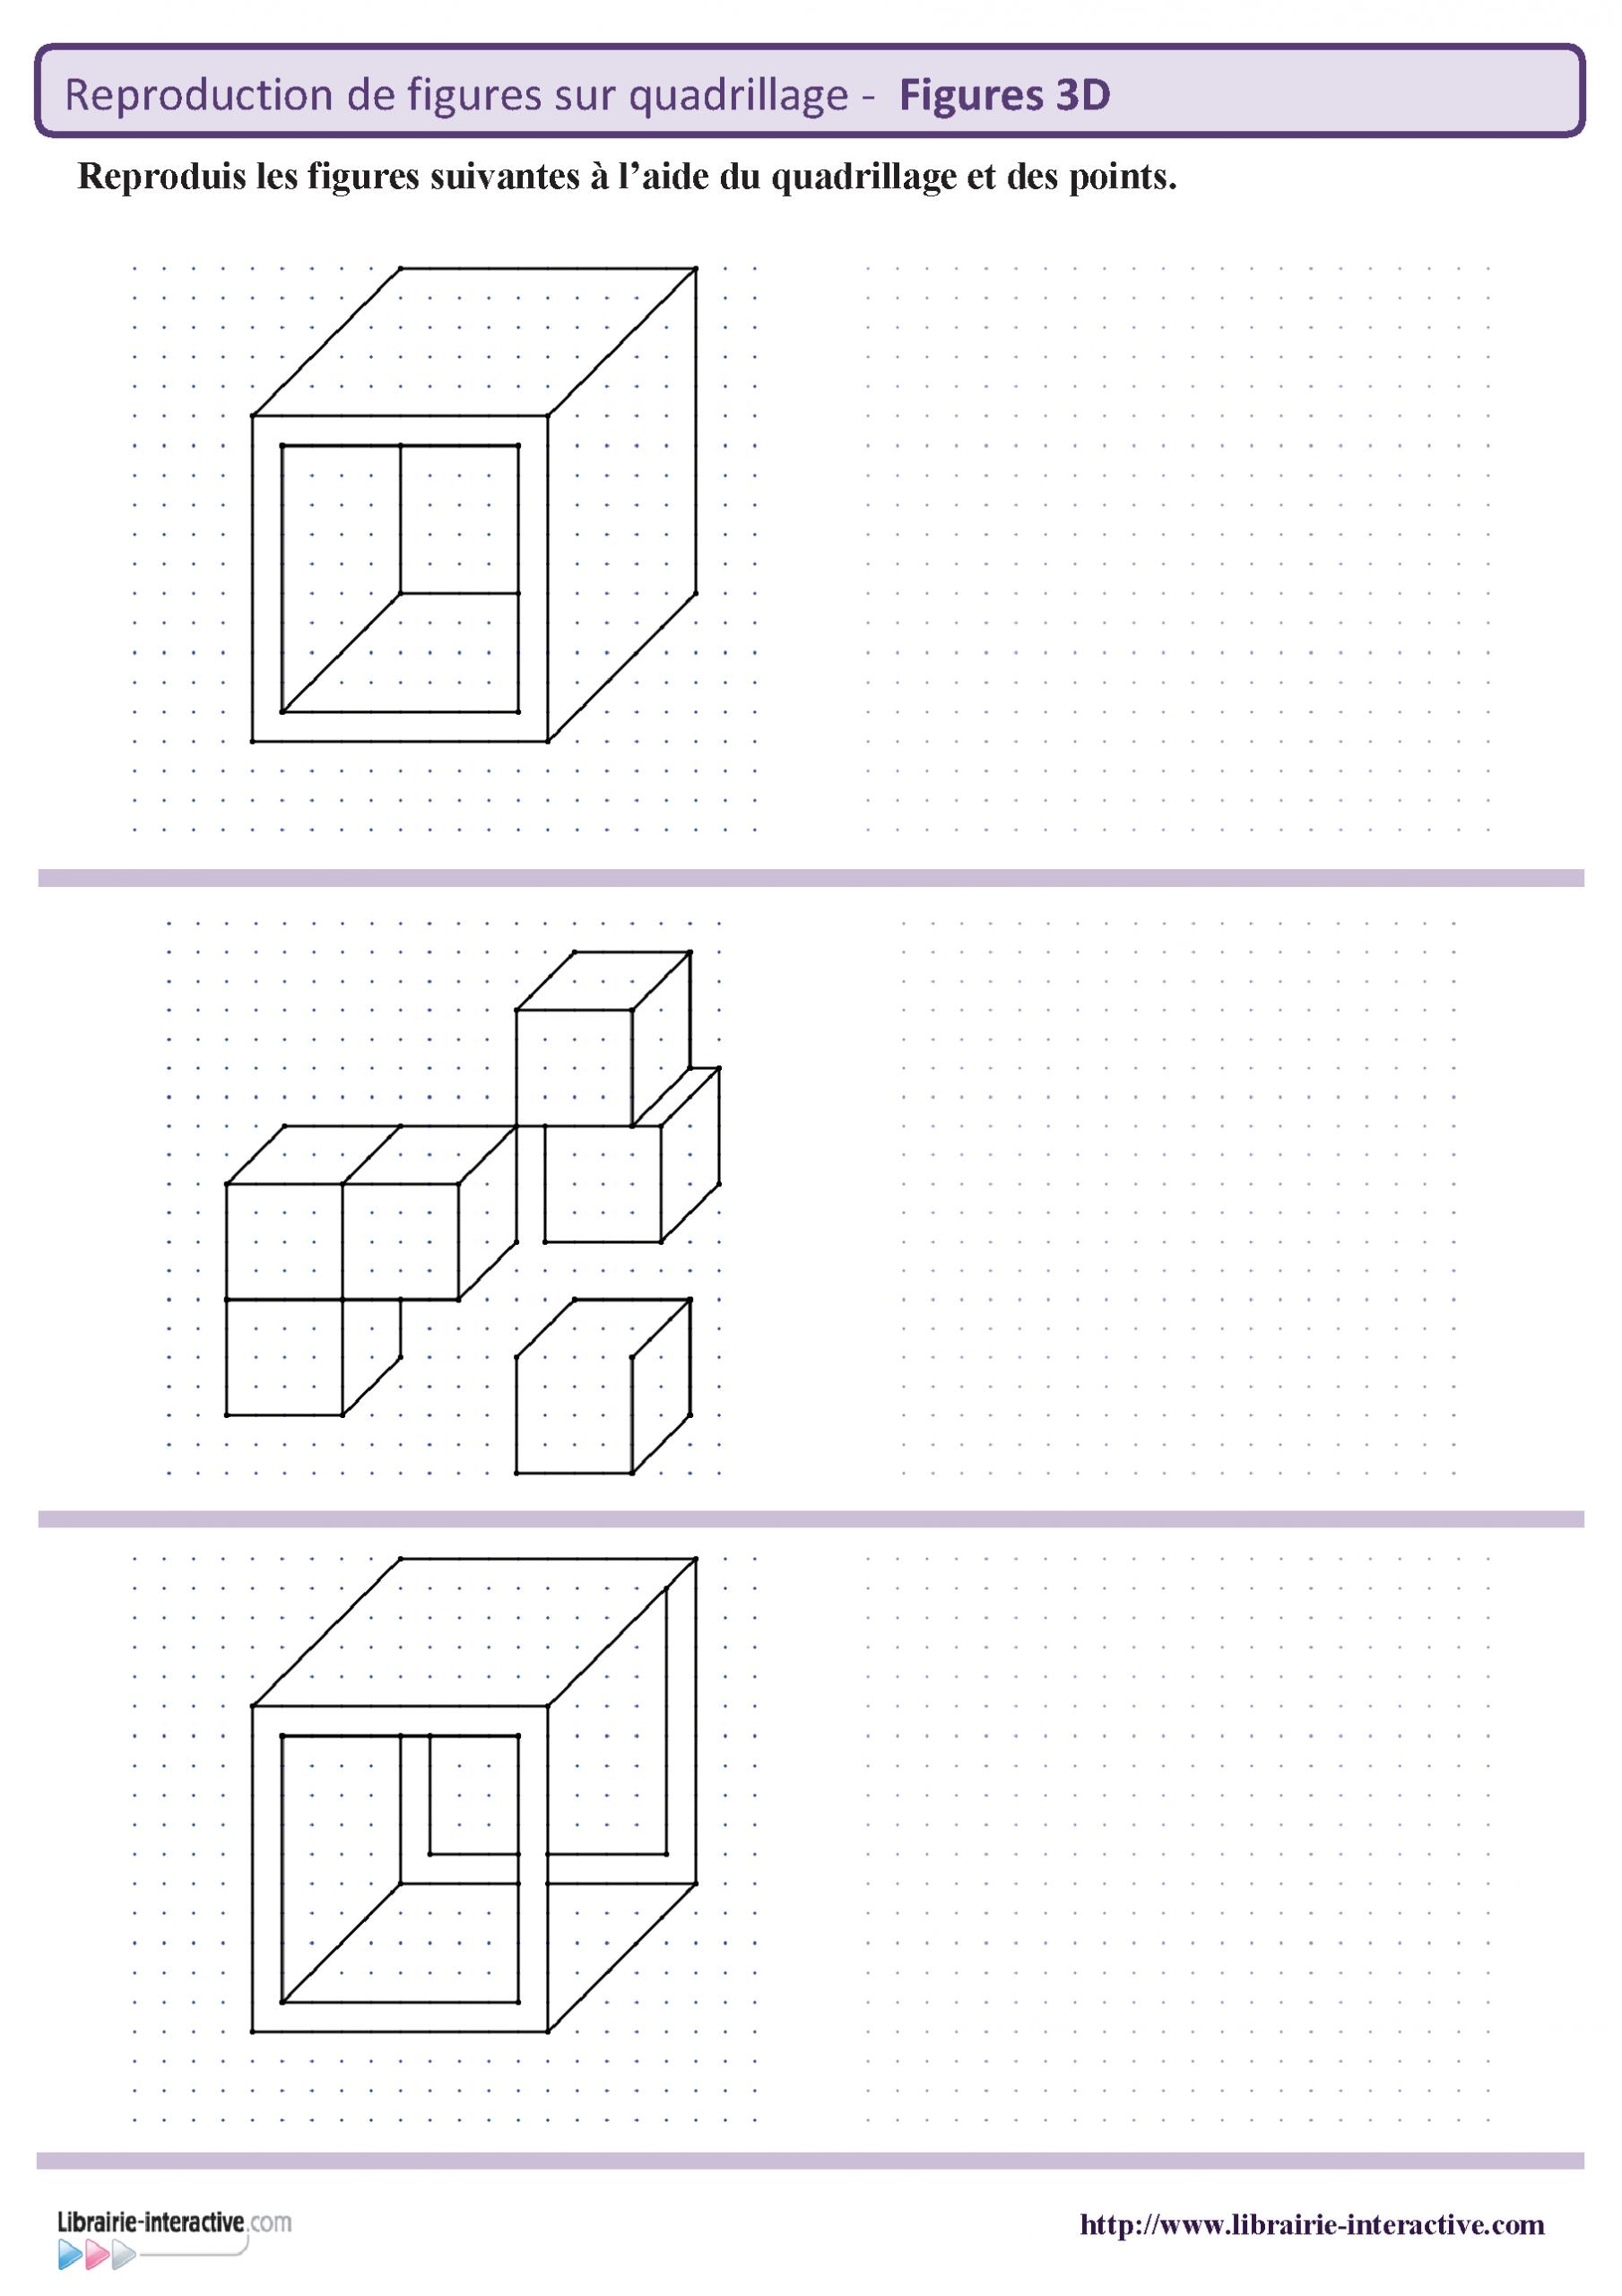 8 Fiches Avec Chacune 3 Figures En 3 Dimensions À Reproduire tout Reproduction Sur Quadrillage Ce2